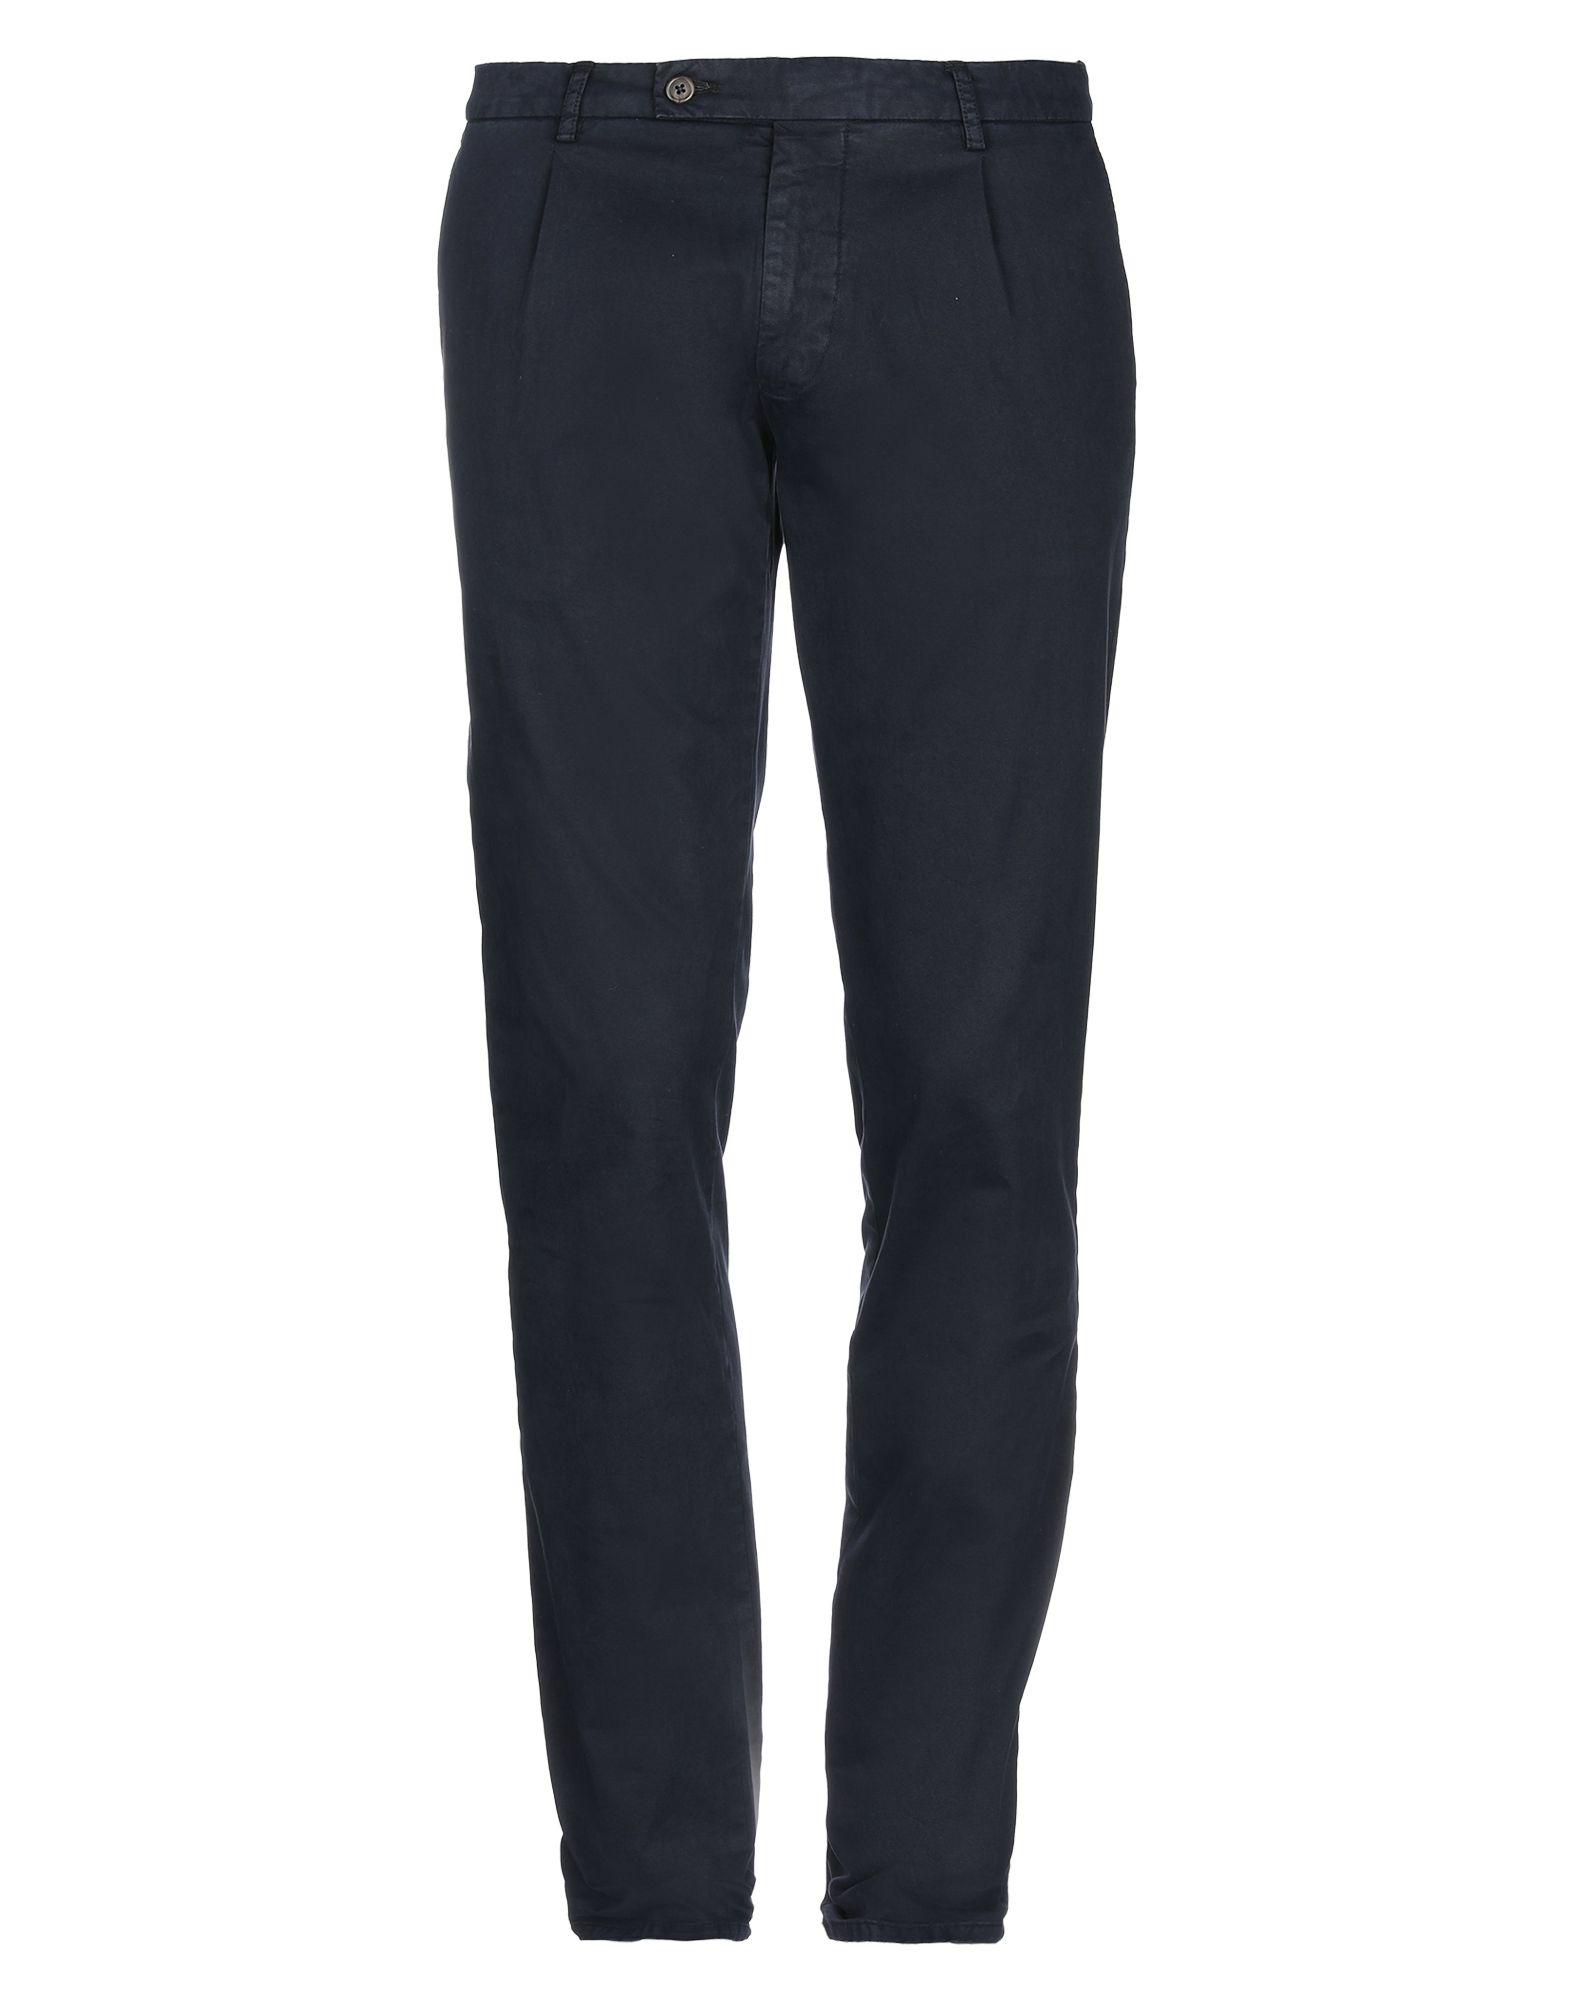 《セール開催中》BERWICH メンズ パンツ ダークブルー 54 コットン 98% / ポリウレタン 2%